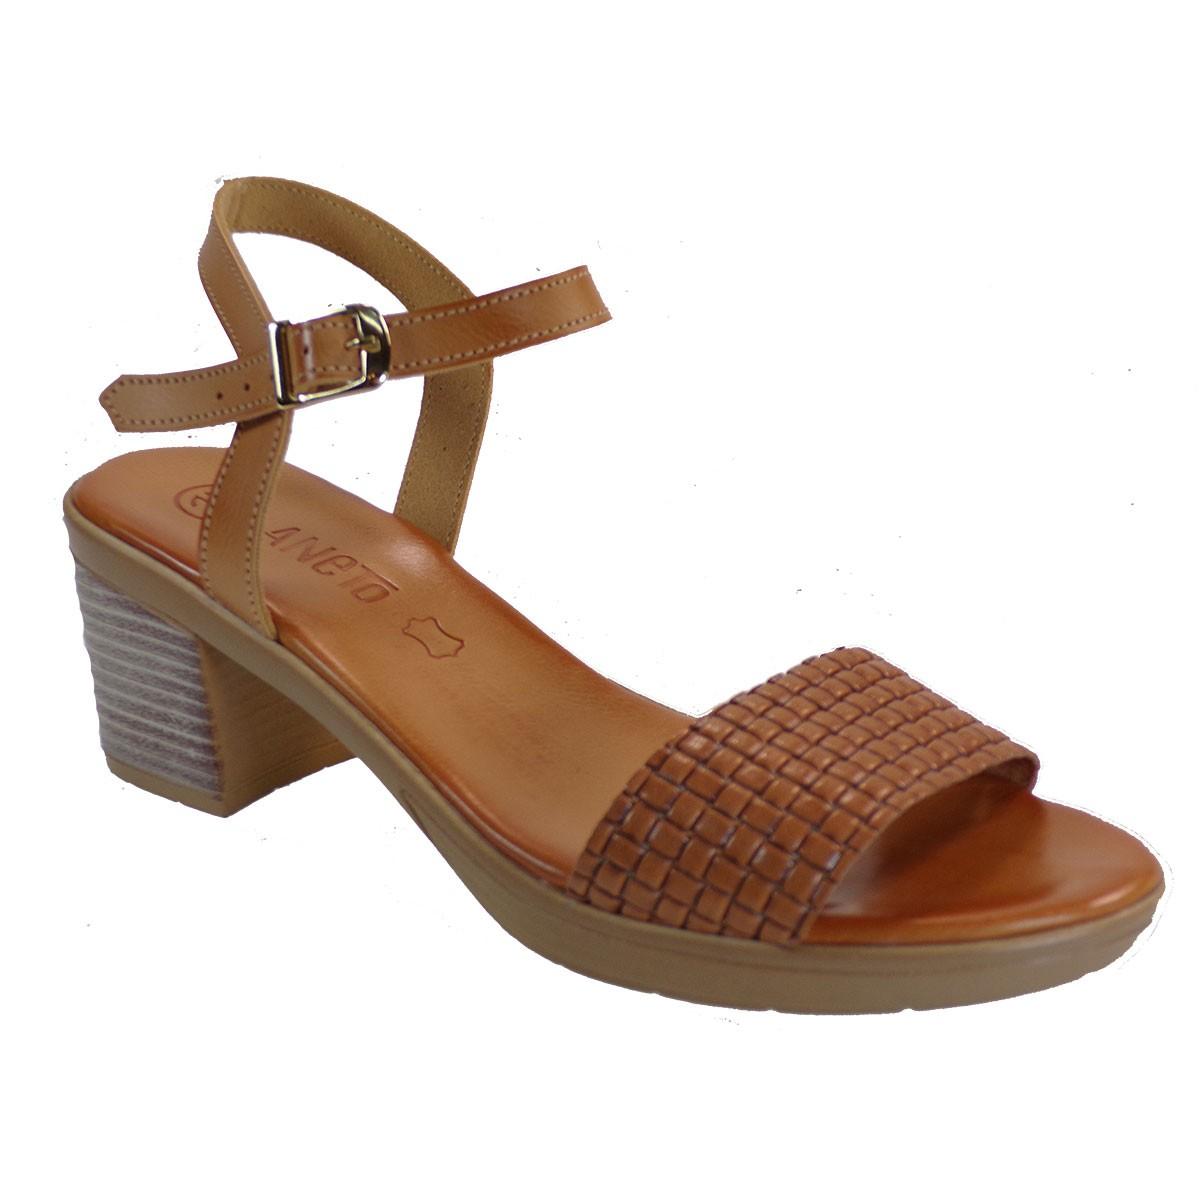 Katia Shoes Anneto Γυναικεία Πέδιλα 46-115 Καφέ Δέρμα